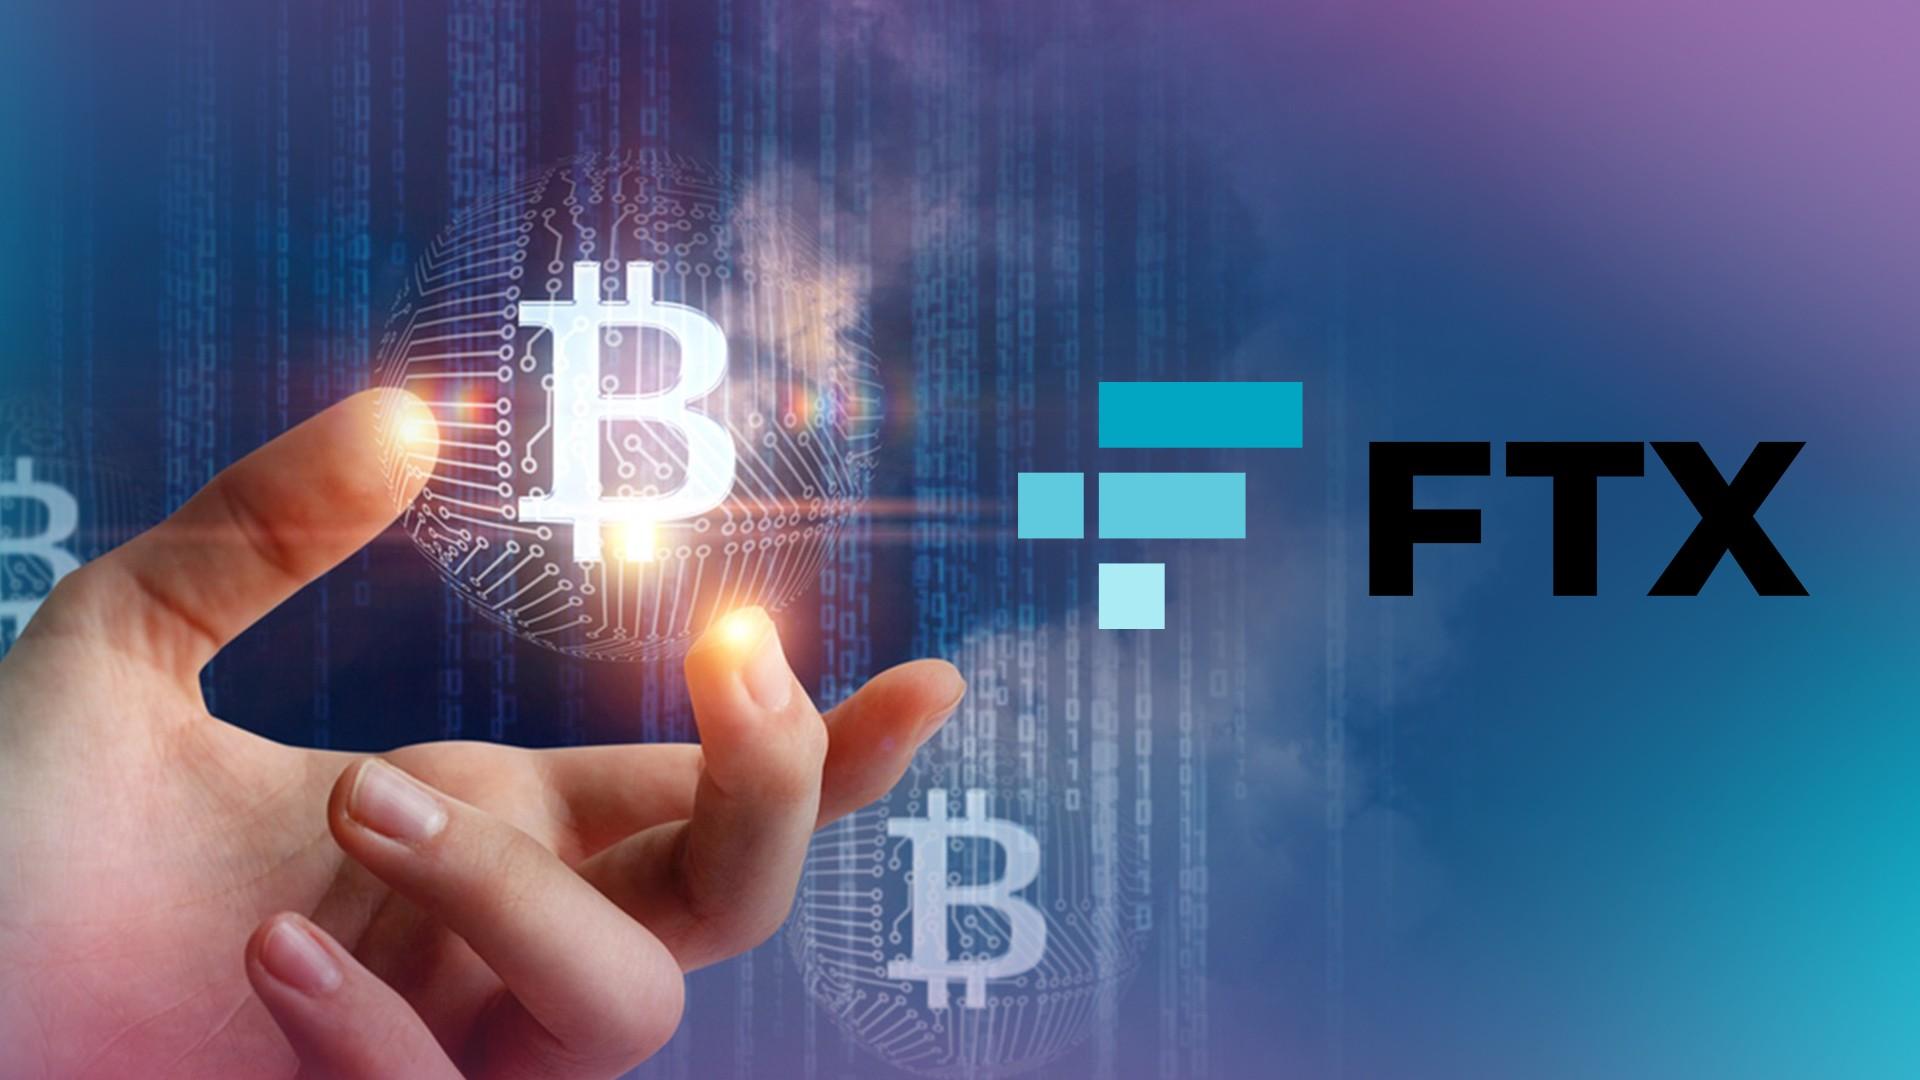 Биткоин-биржа FTX запустила функцию минтинга NFT